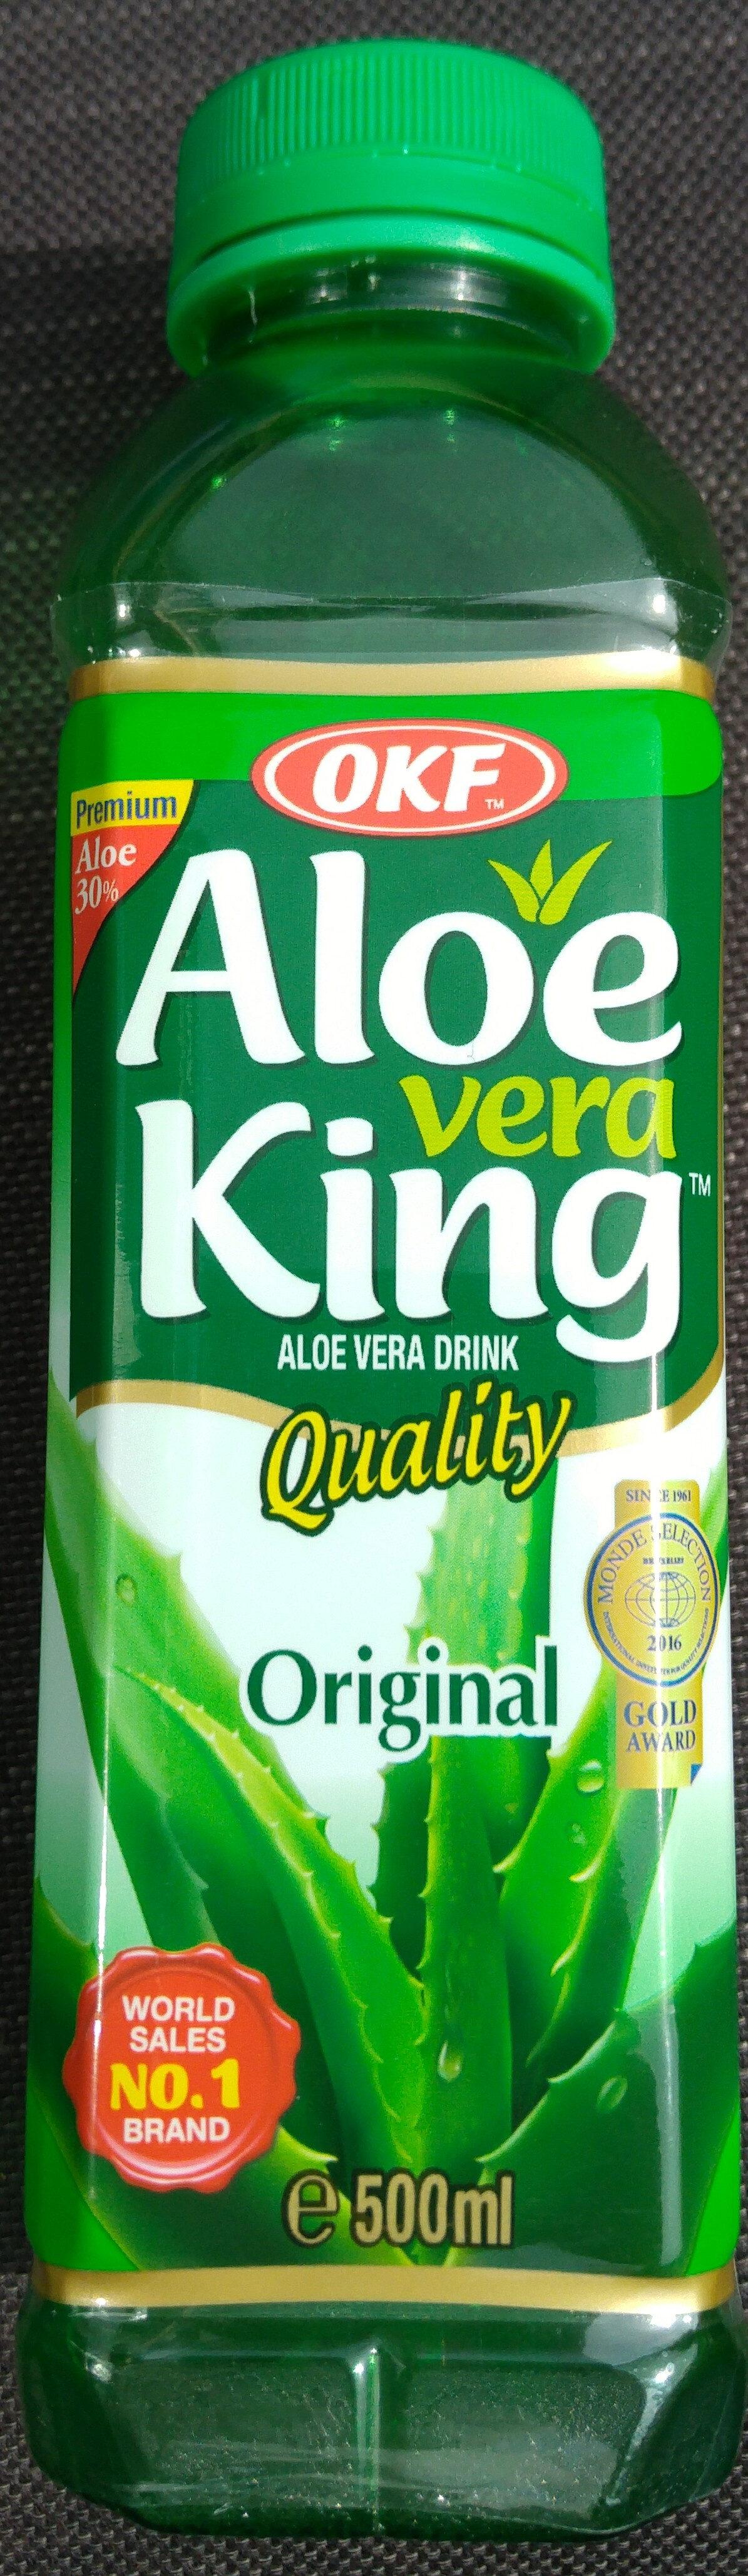 Aloe vera drink - Product - en